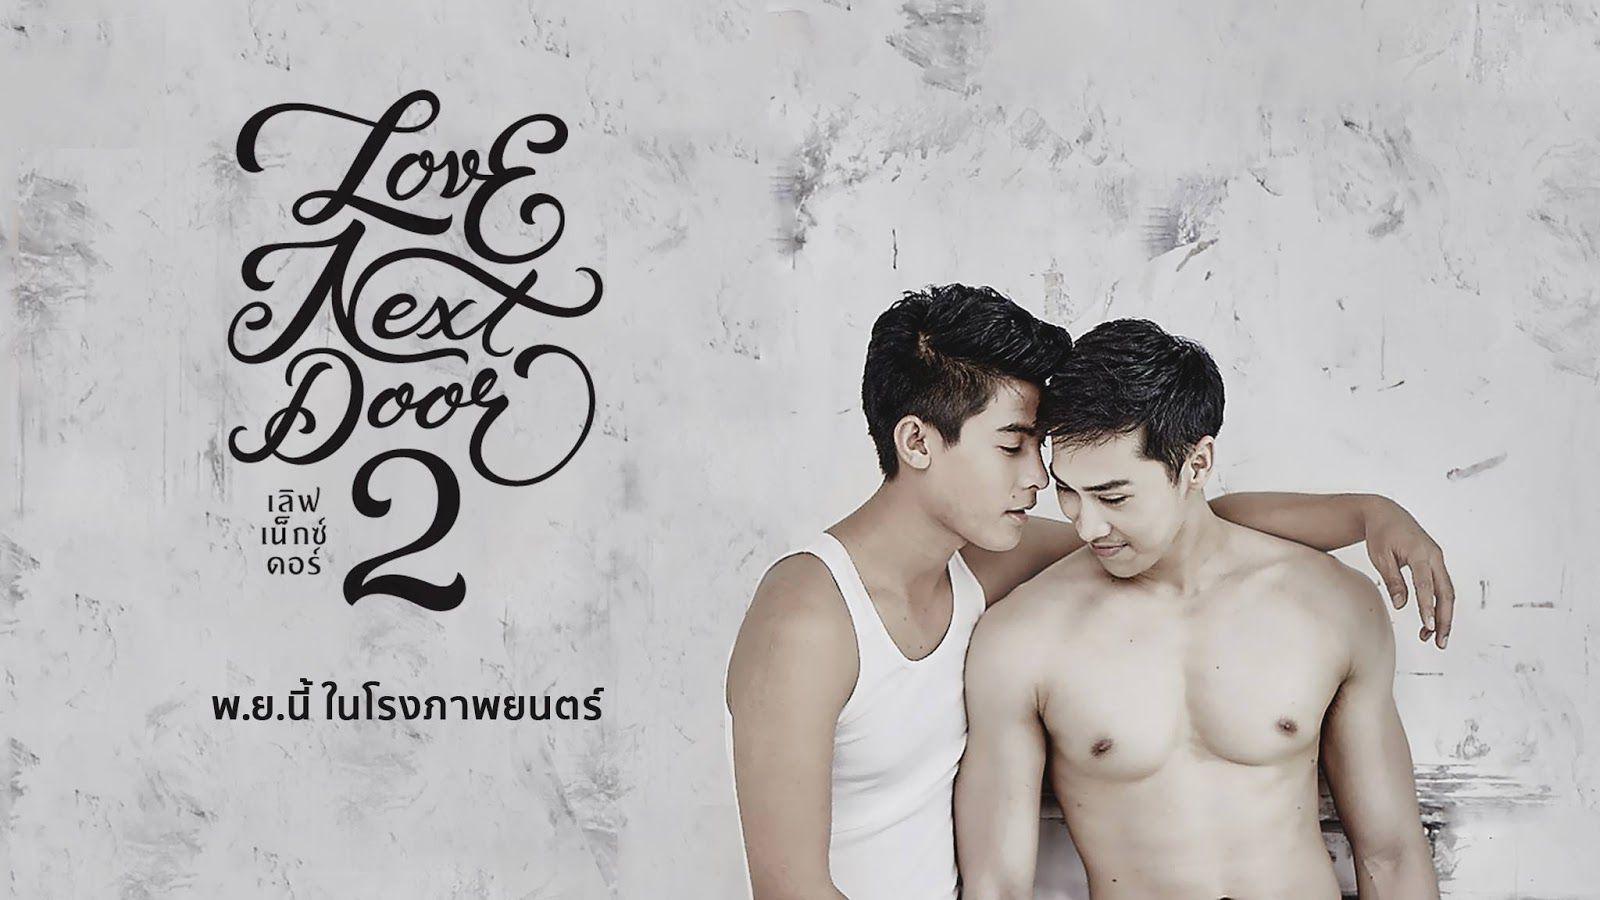 Những bộ phim đồng tính hay nhất của điện ảnh Thái Lan (7)